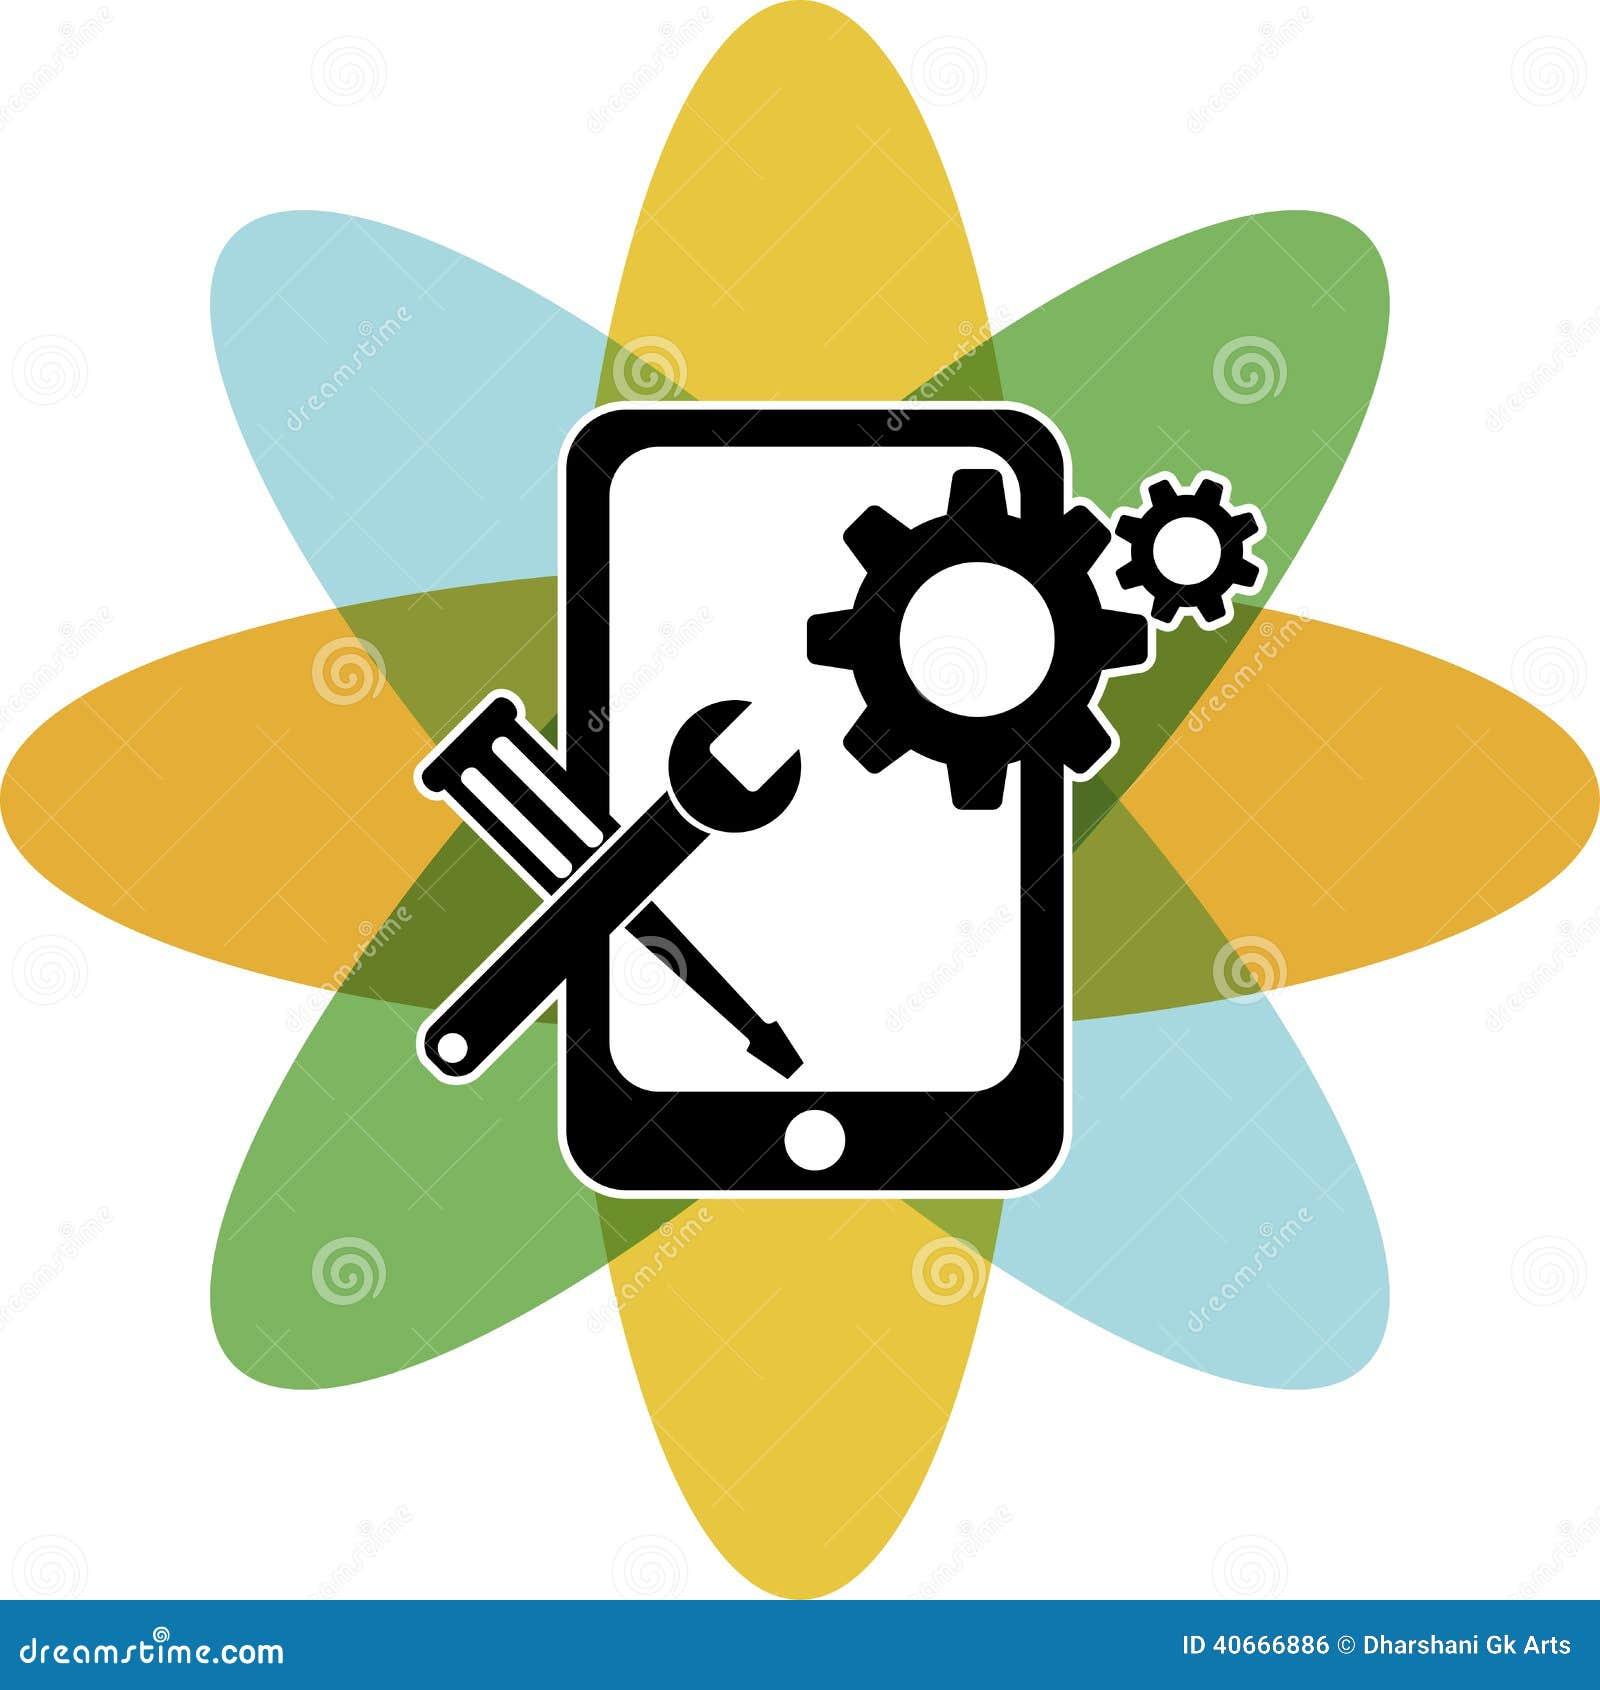 mobile repair logo stock illustration illustration of